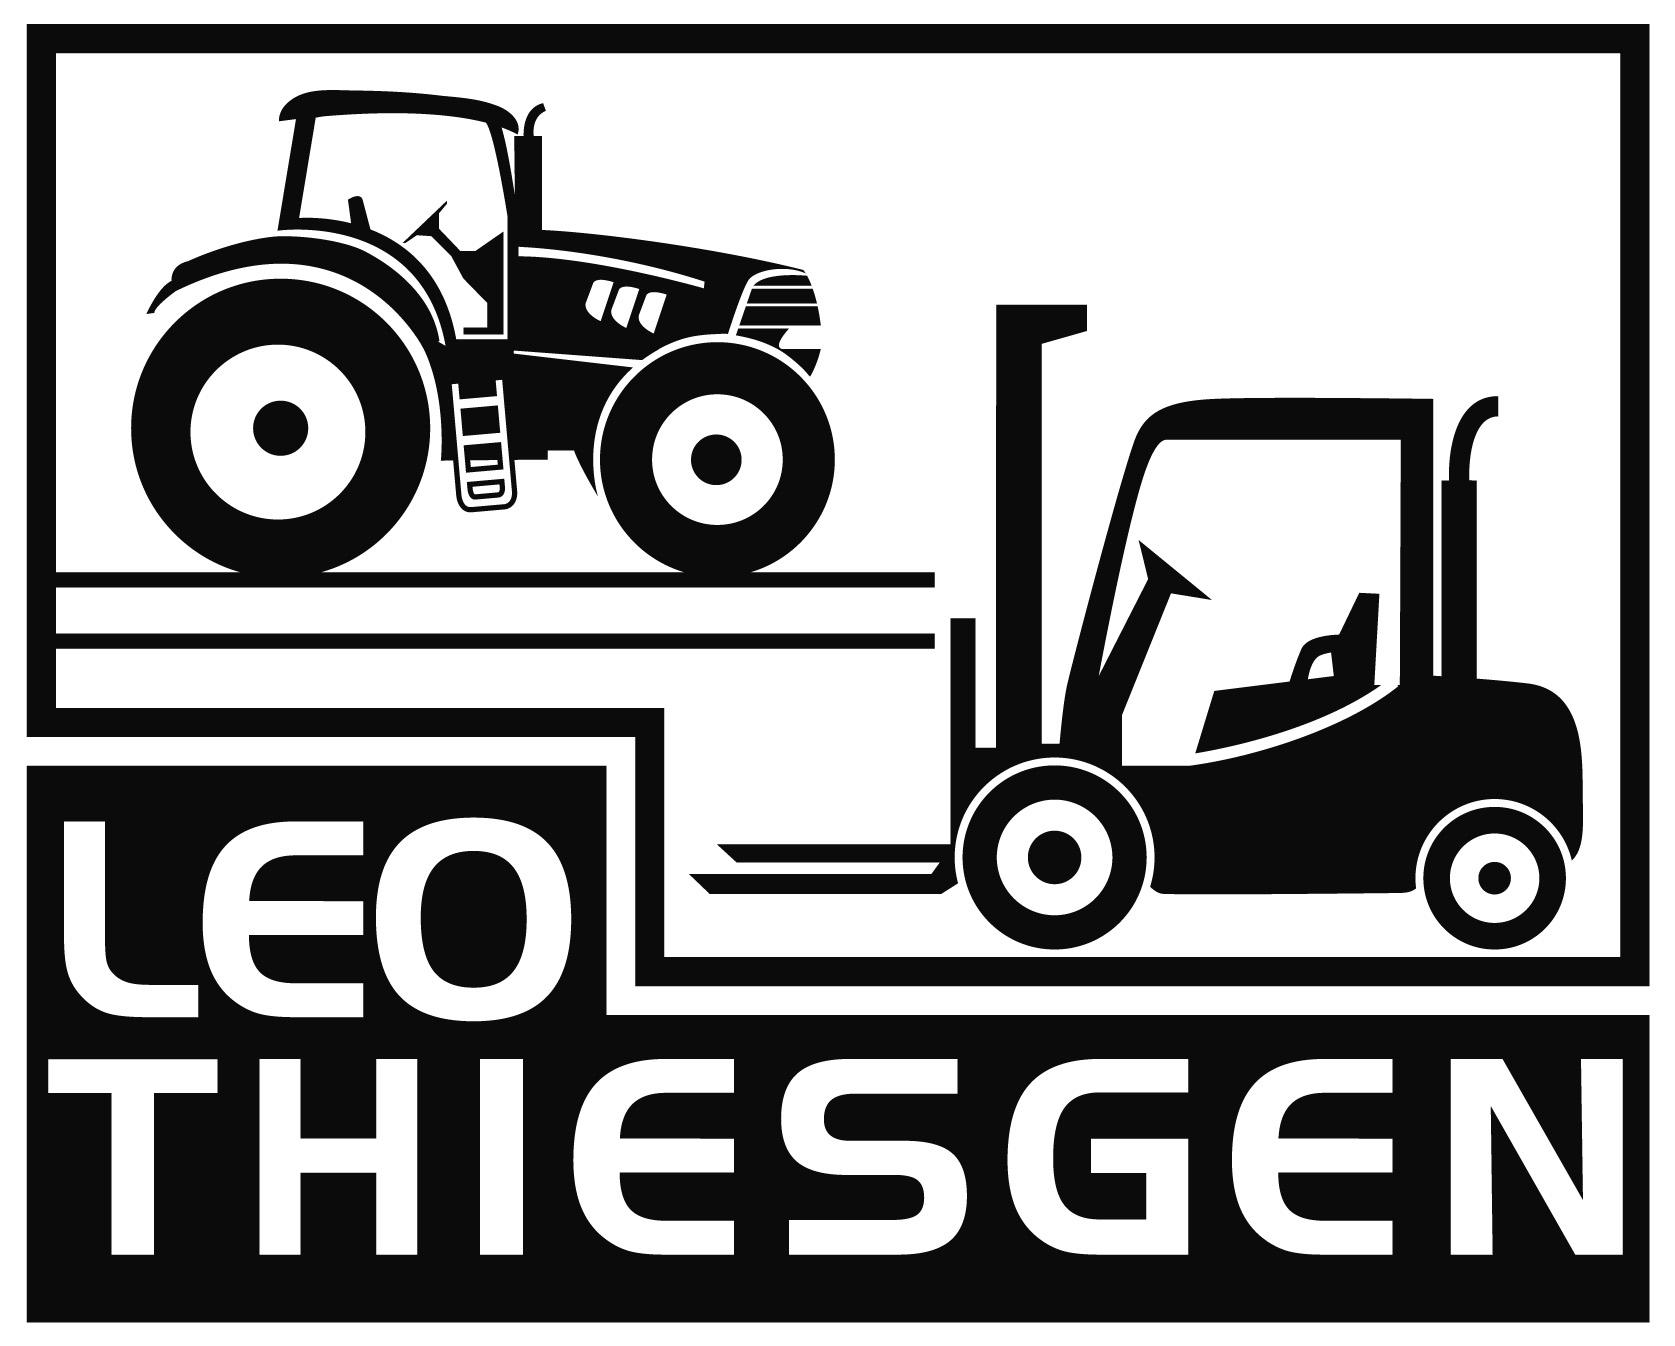 Leo Thiesgen Agrar und Fördertechnik GmbH